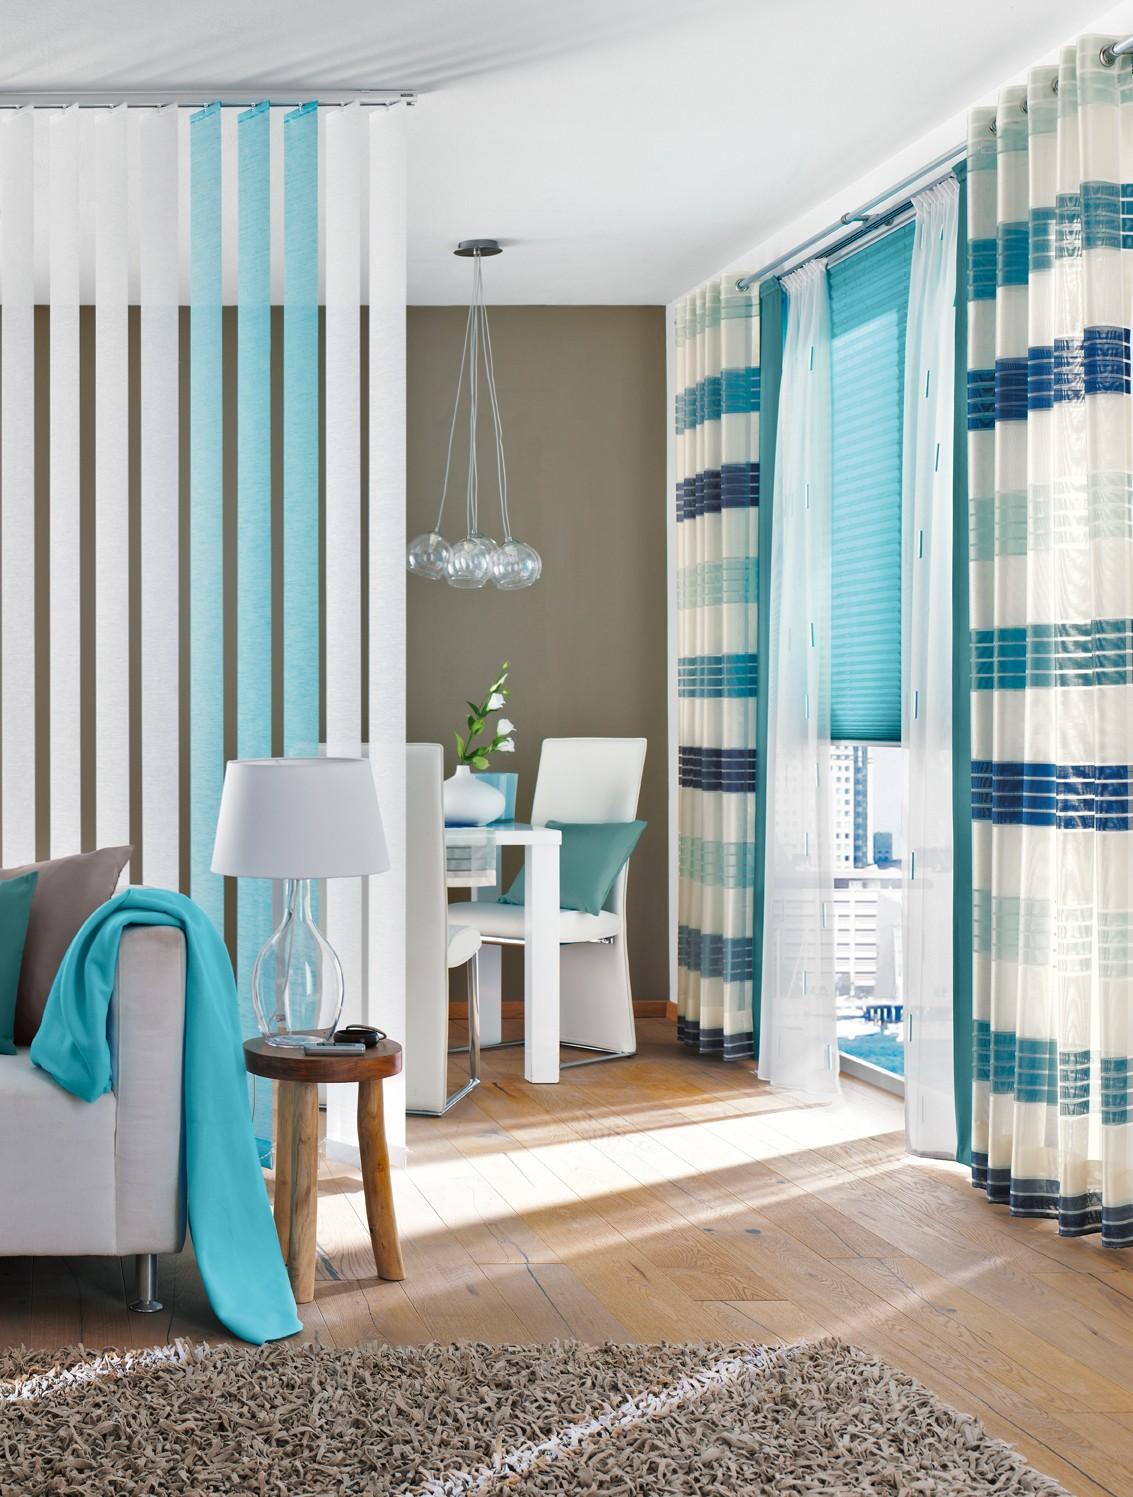 gardinen modern wohnzimmer | jtleigh.com - hausgestaltung ideen